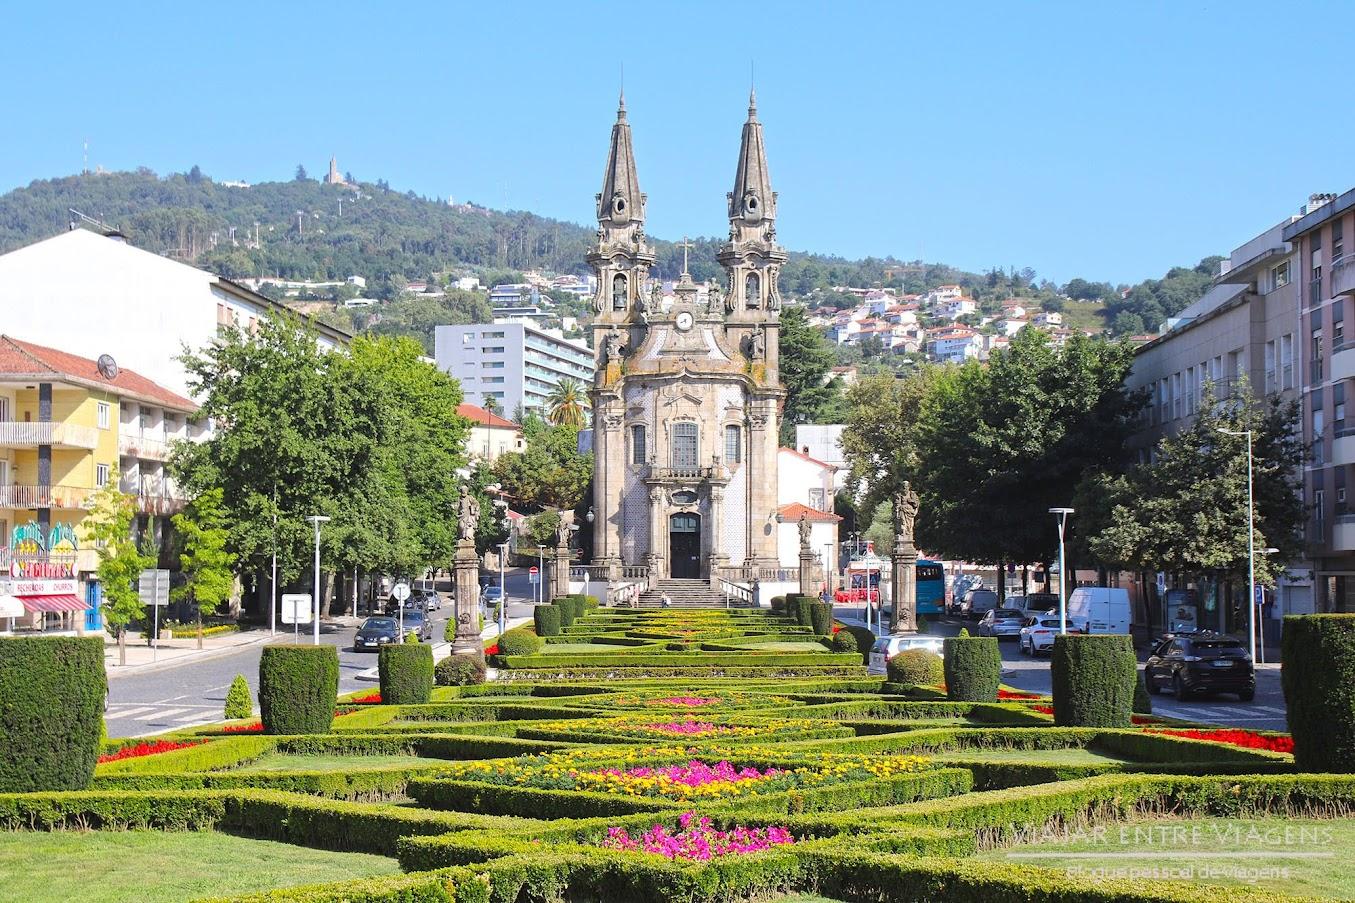 Visitar GUIMARÃES, a cidade onde nasceu Portugal e a mais bela da nação